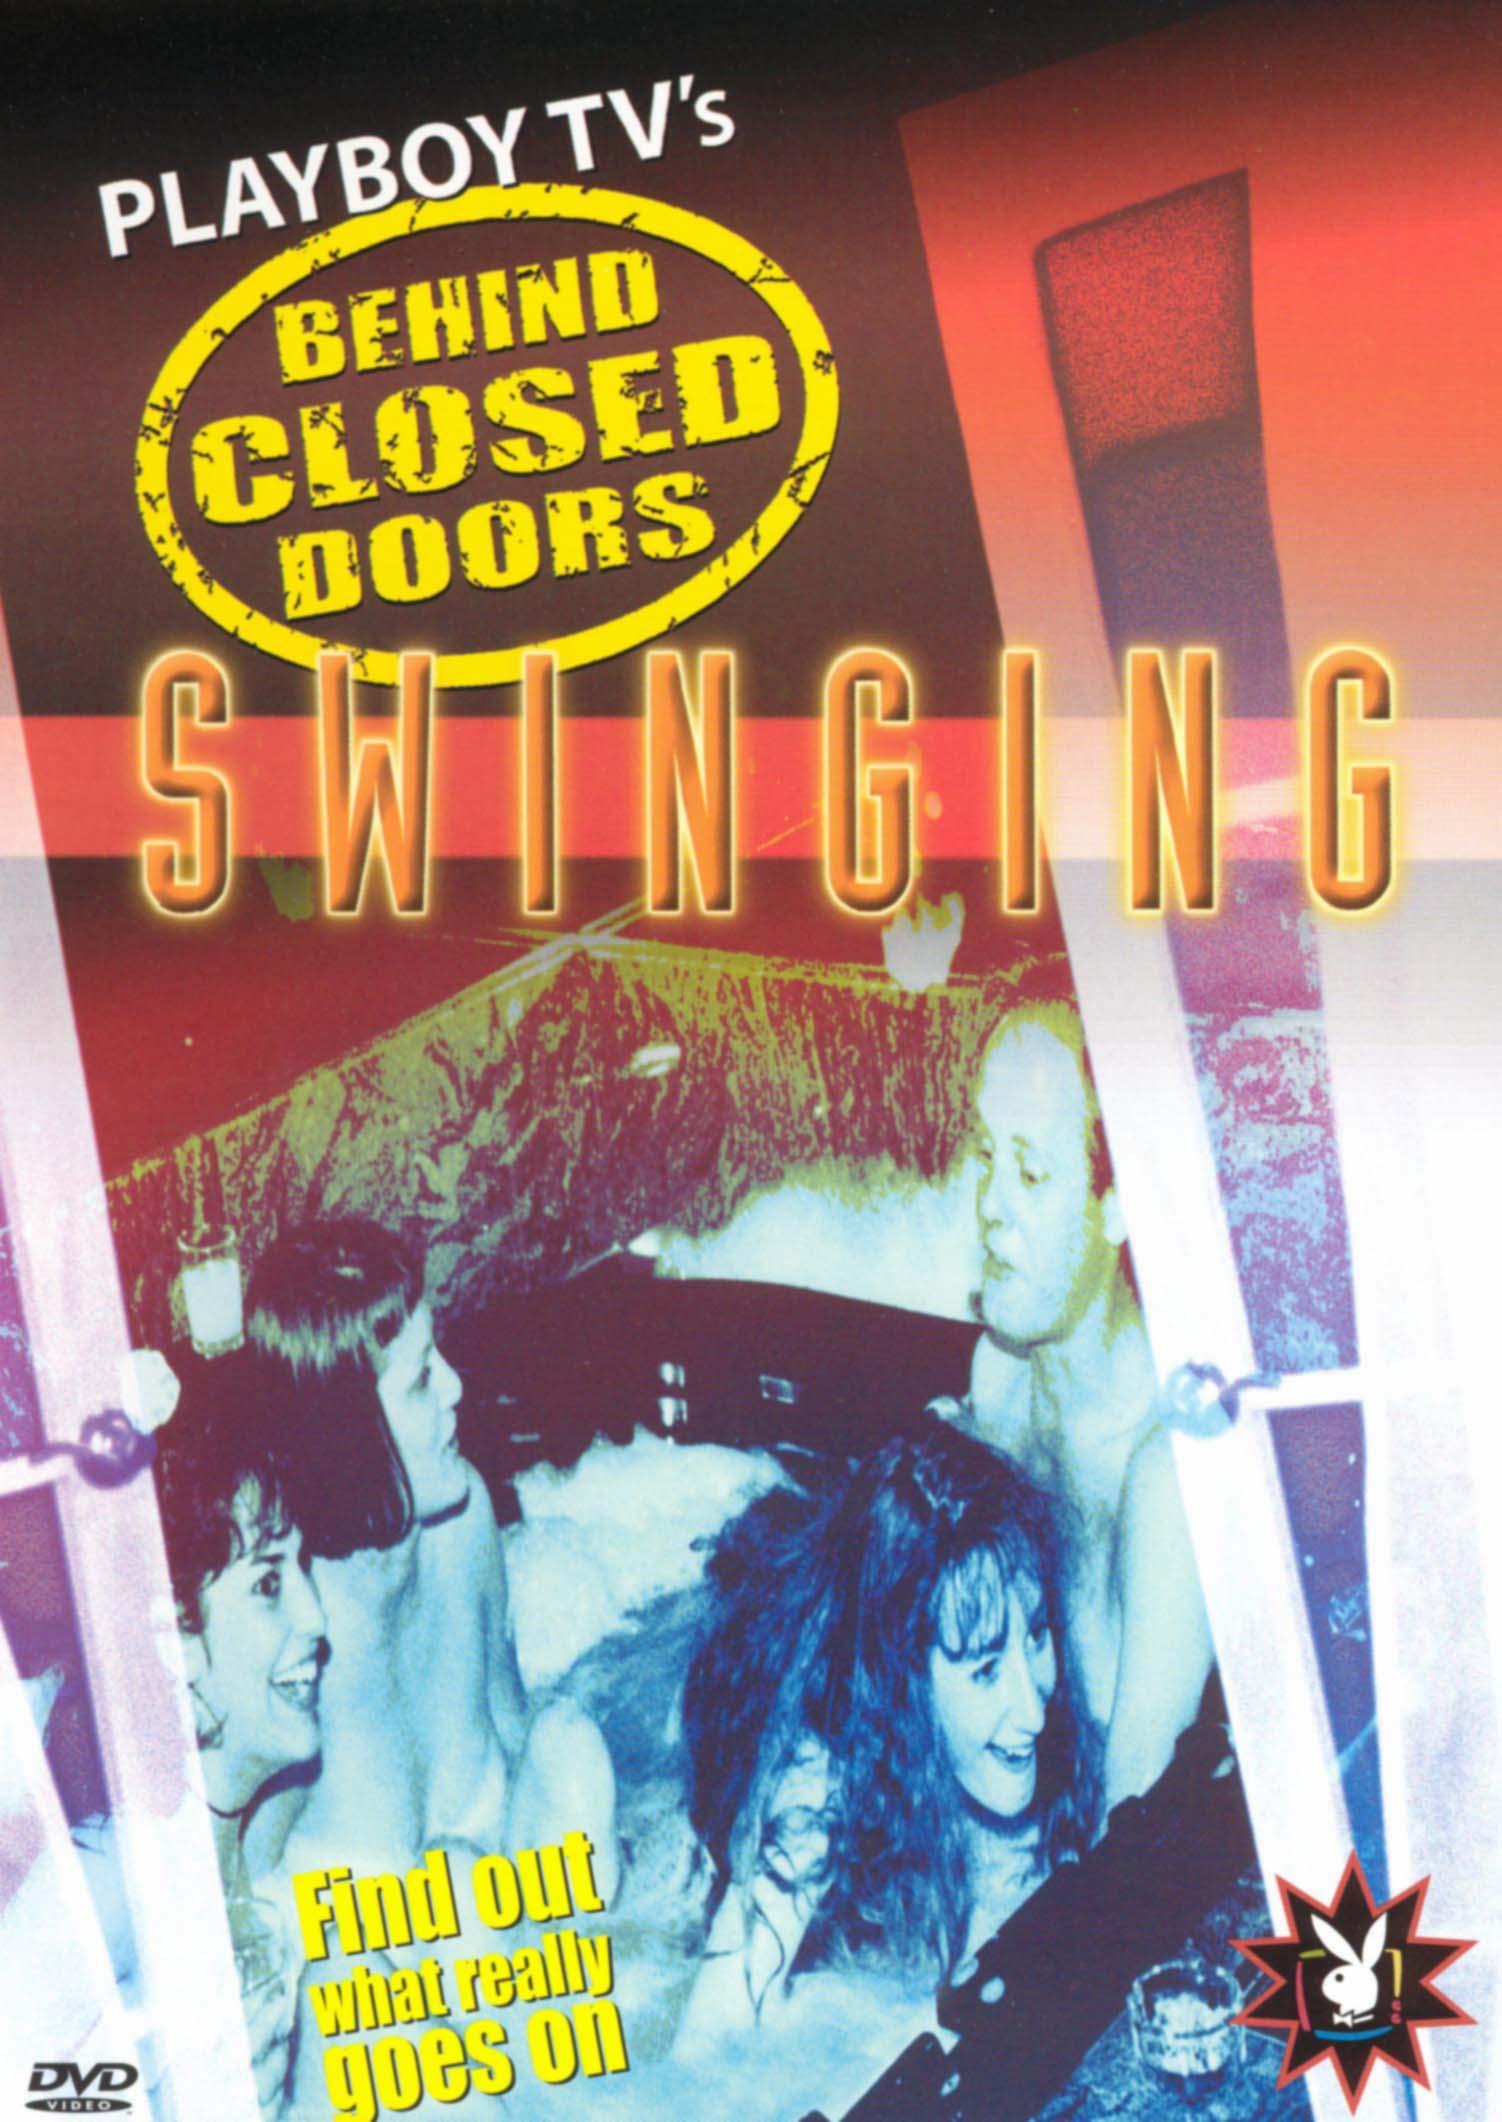 Playboy TV: Behind Closed Doors - Swinging